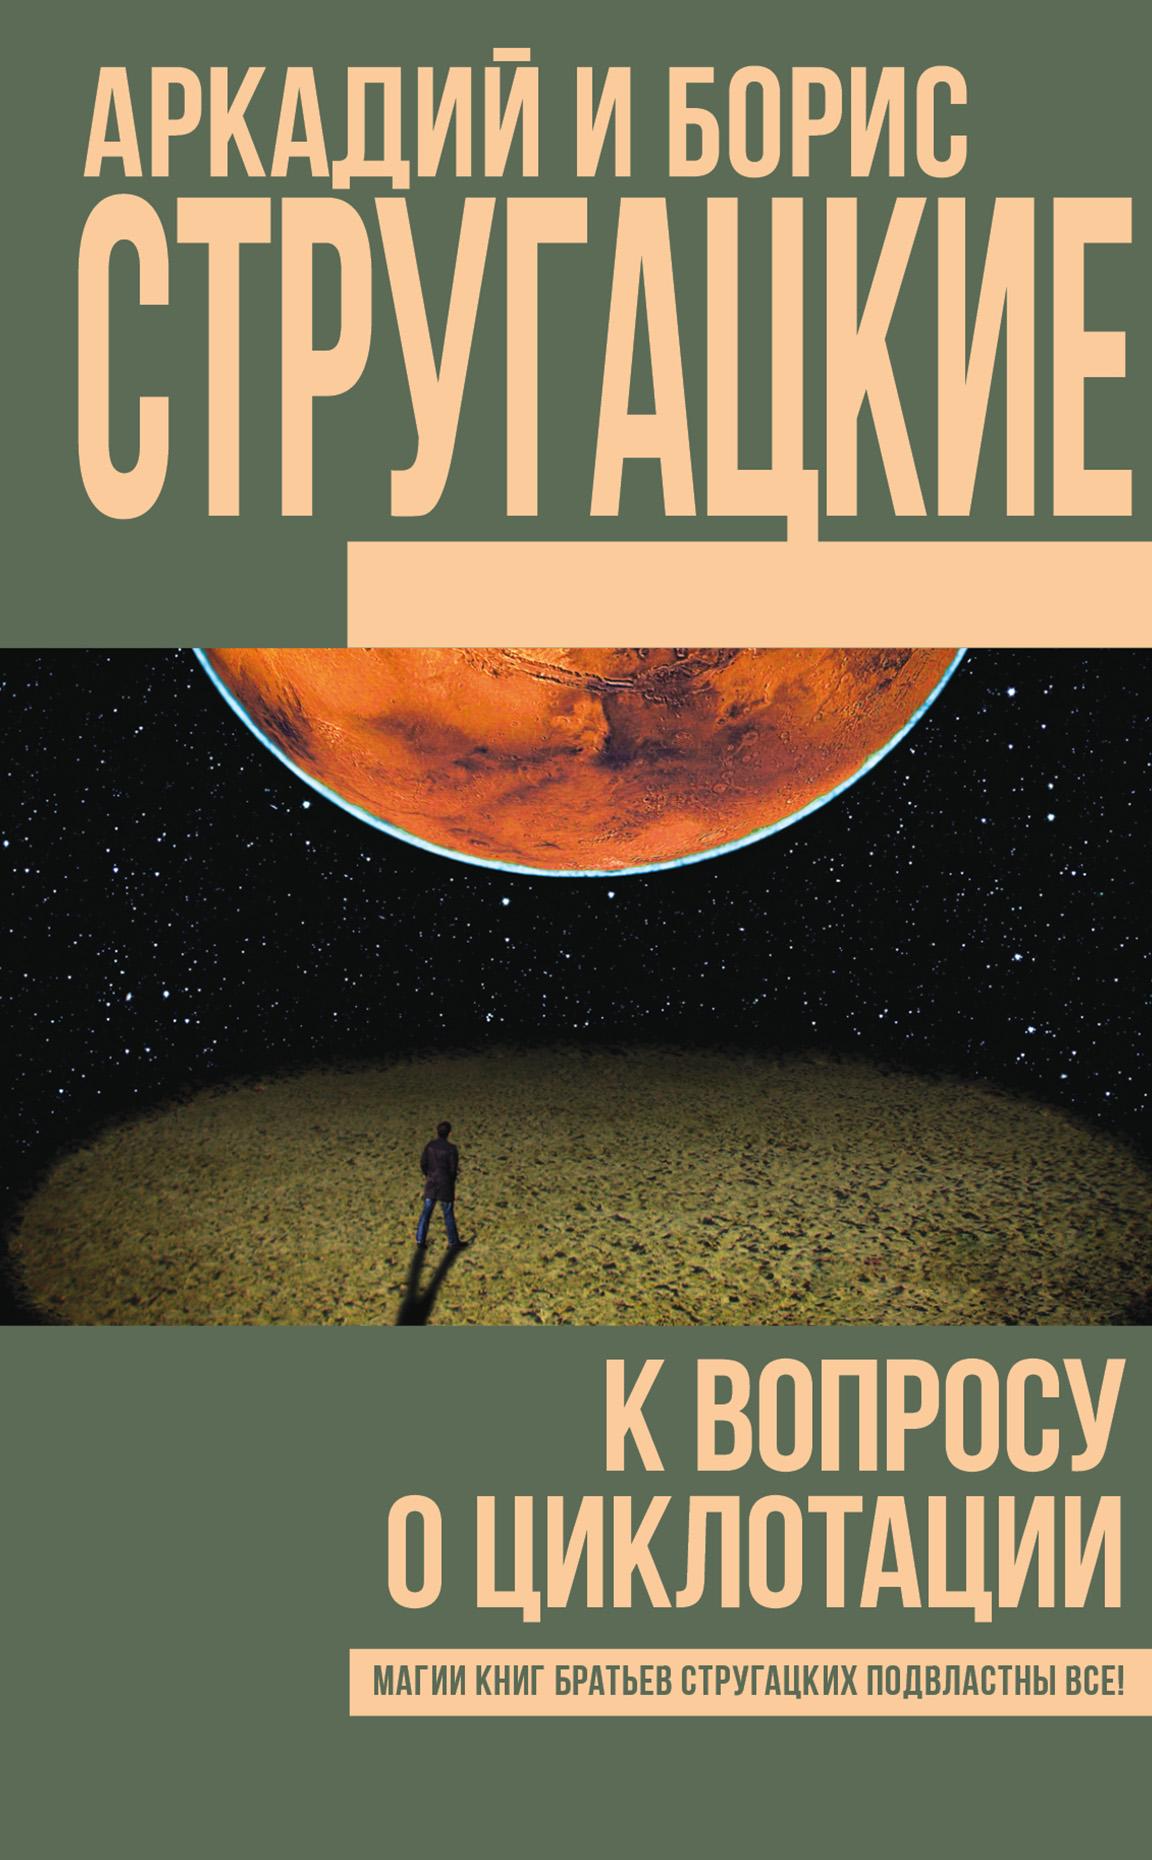 К вопросу о циклотации (сборник)